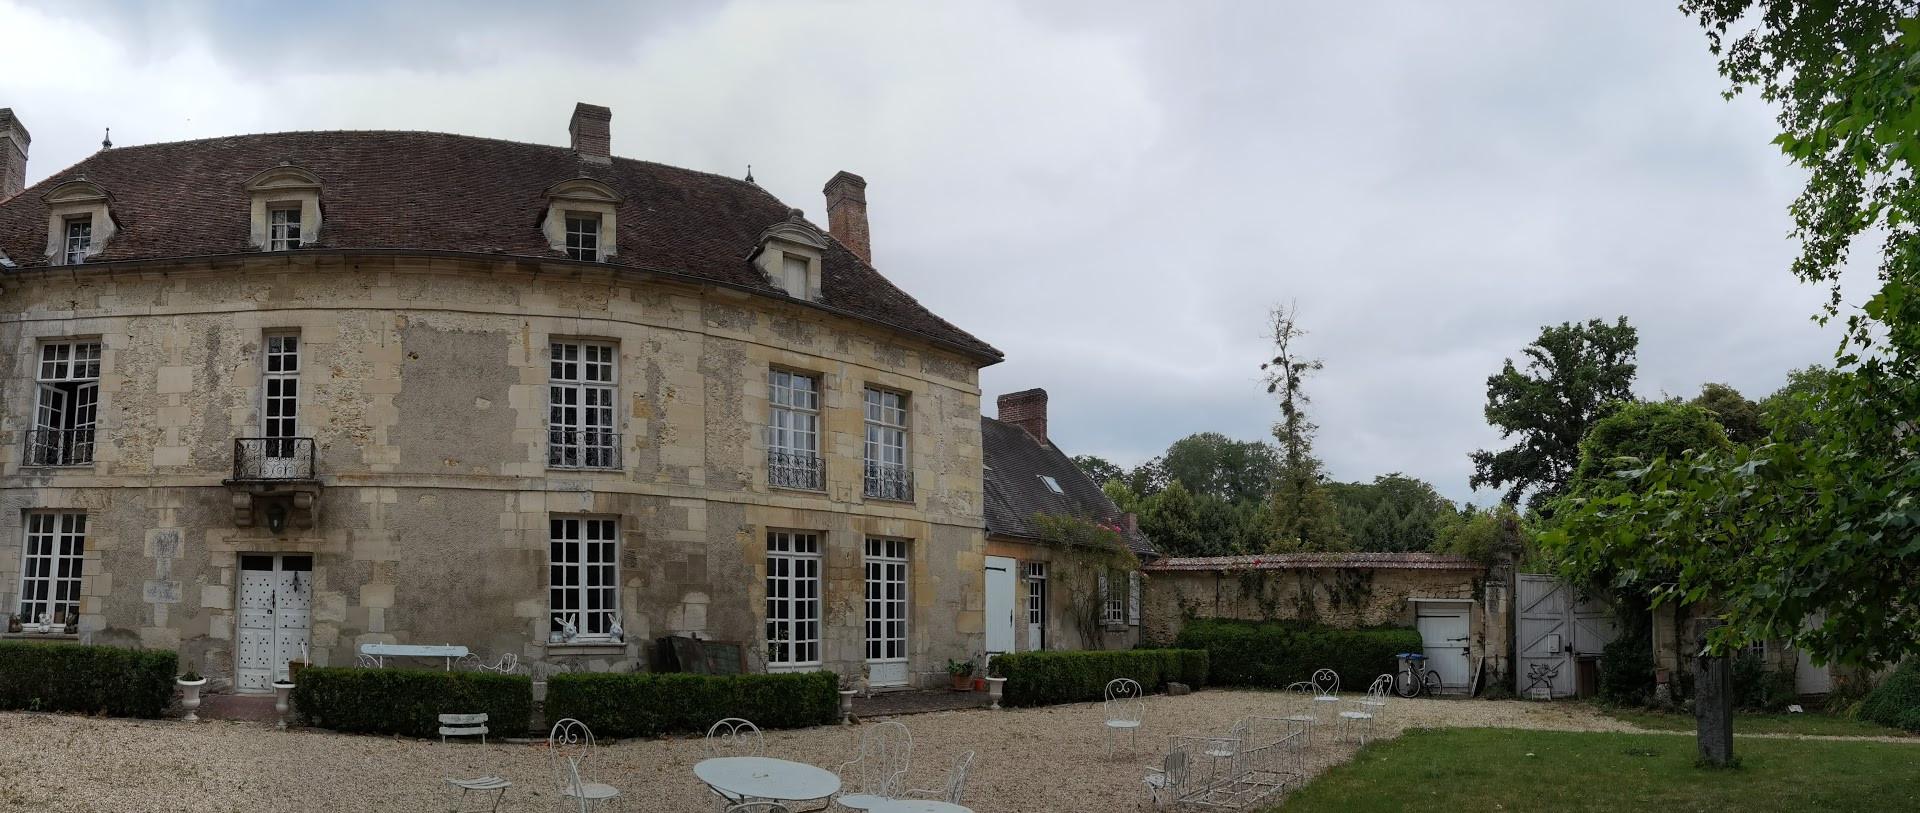 Centre artistique de Verderonne - 12.JPG